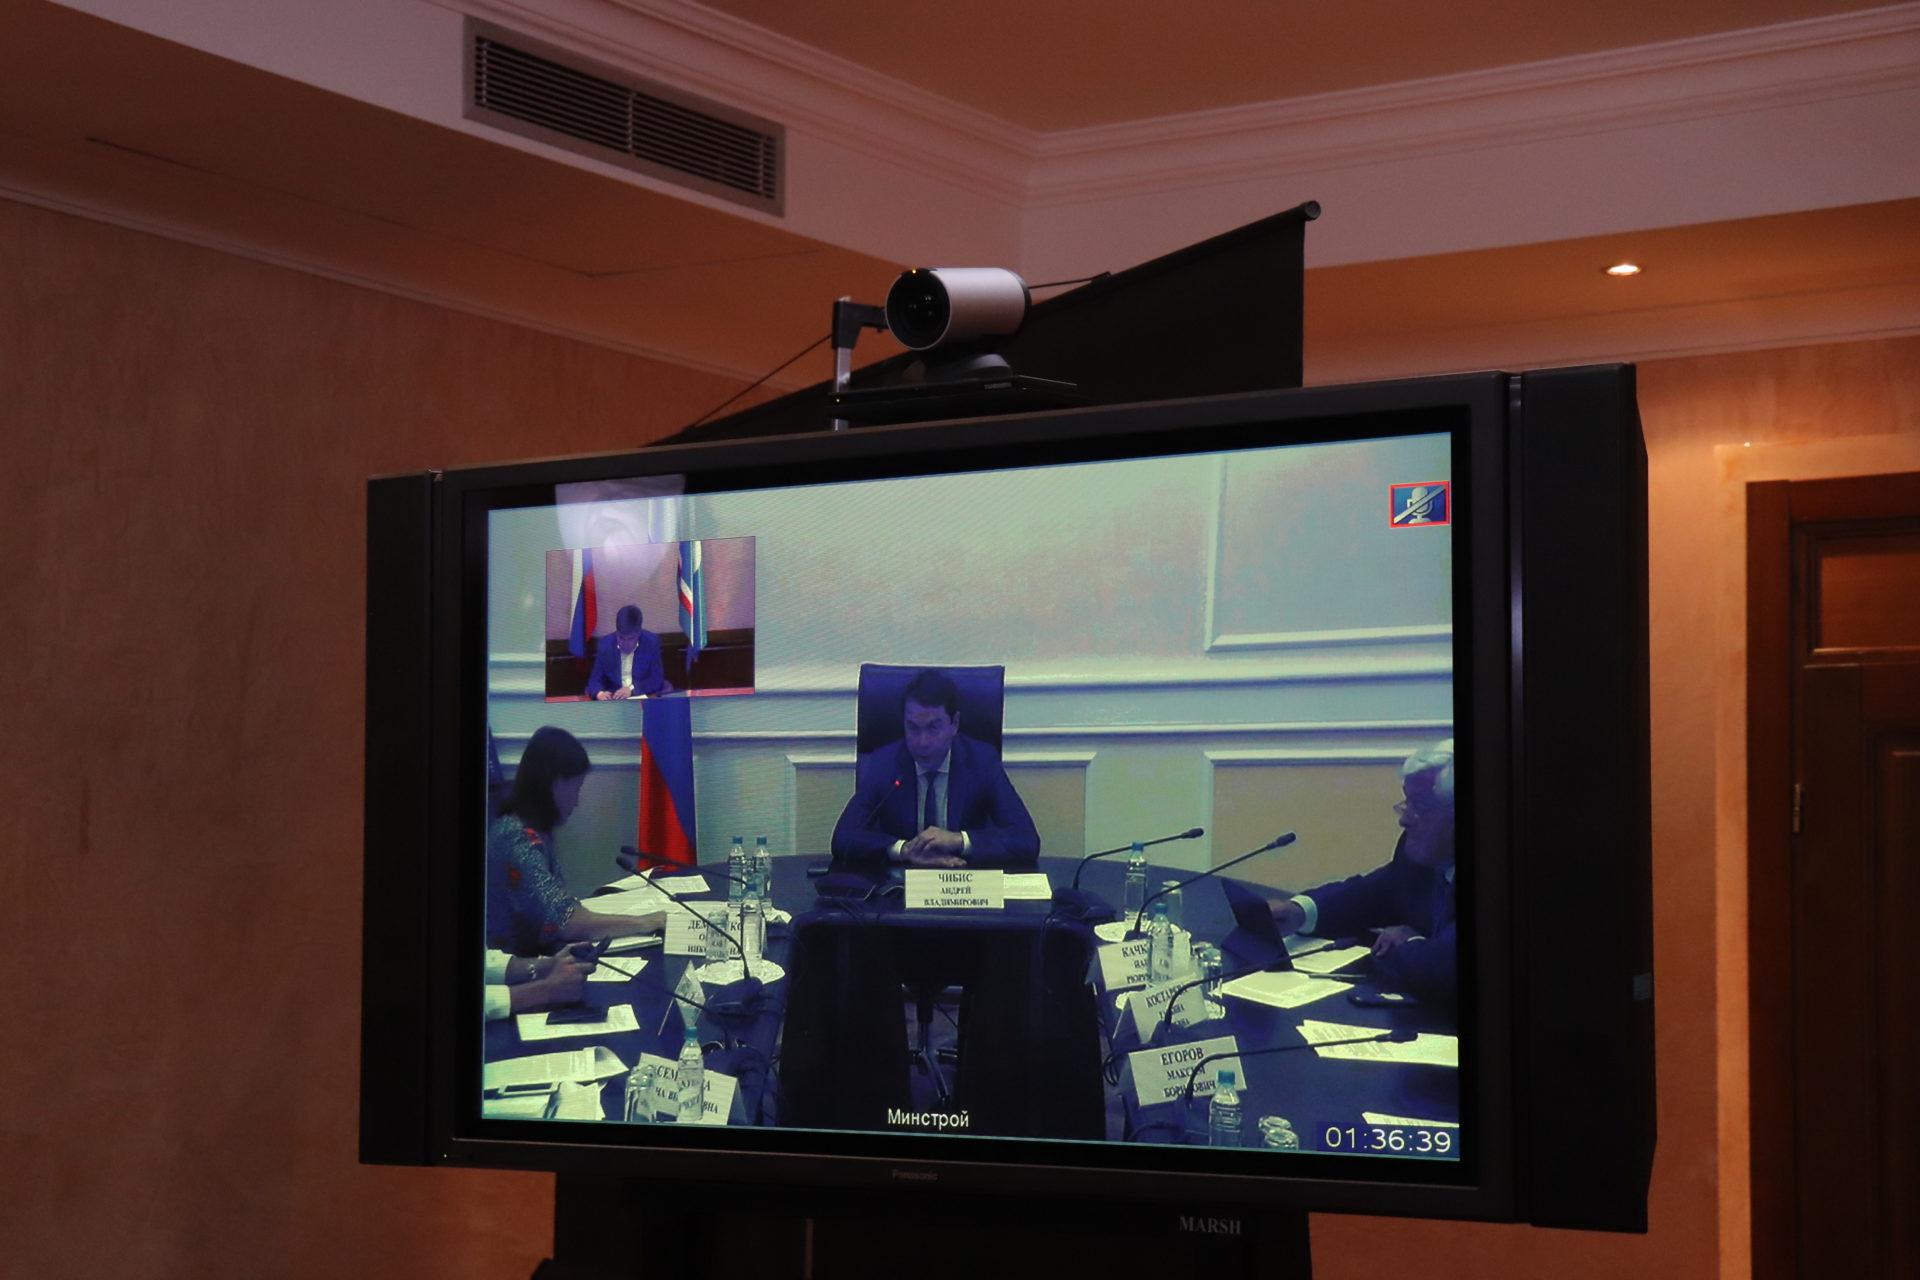 Минстрой России обсудил с регионами реализацию приоритетного проекта «Формирование комфортной городской среды»